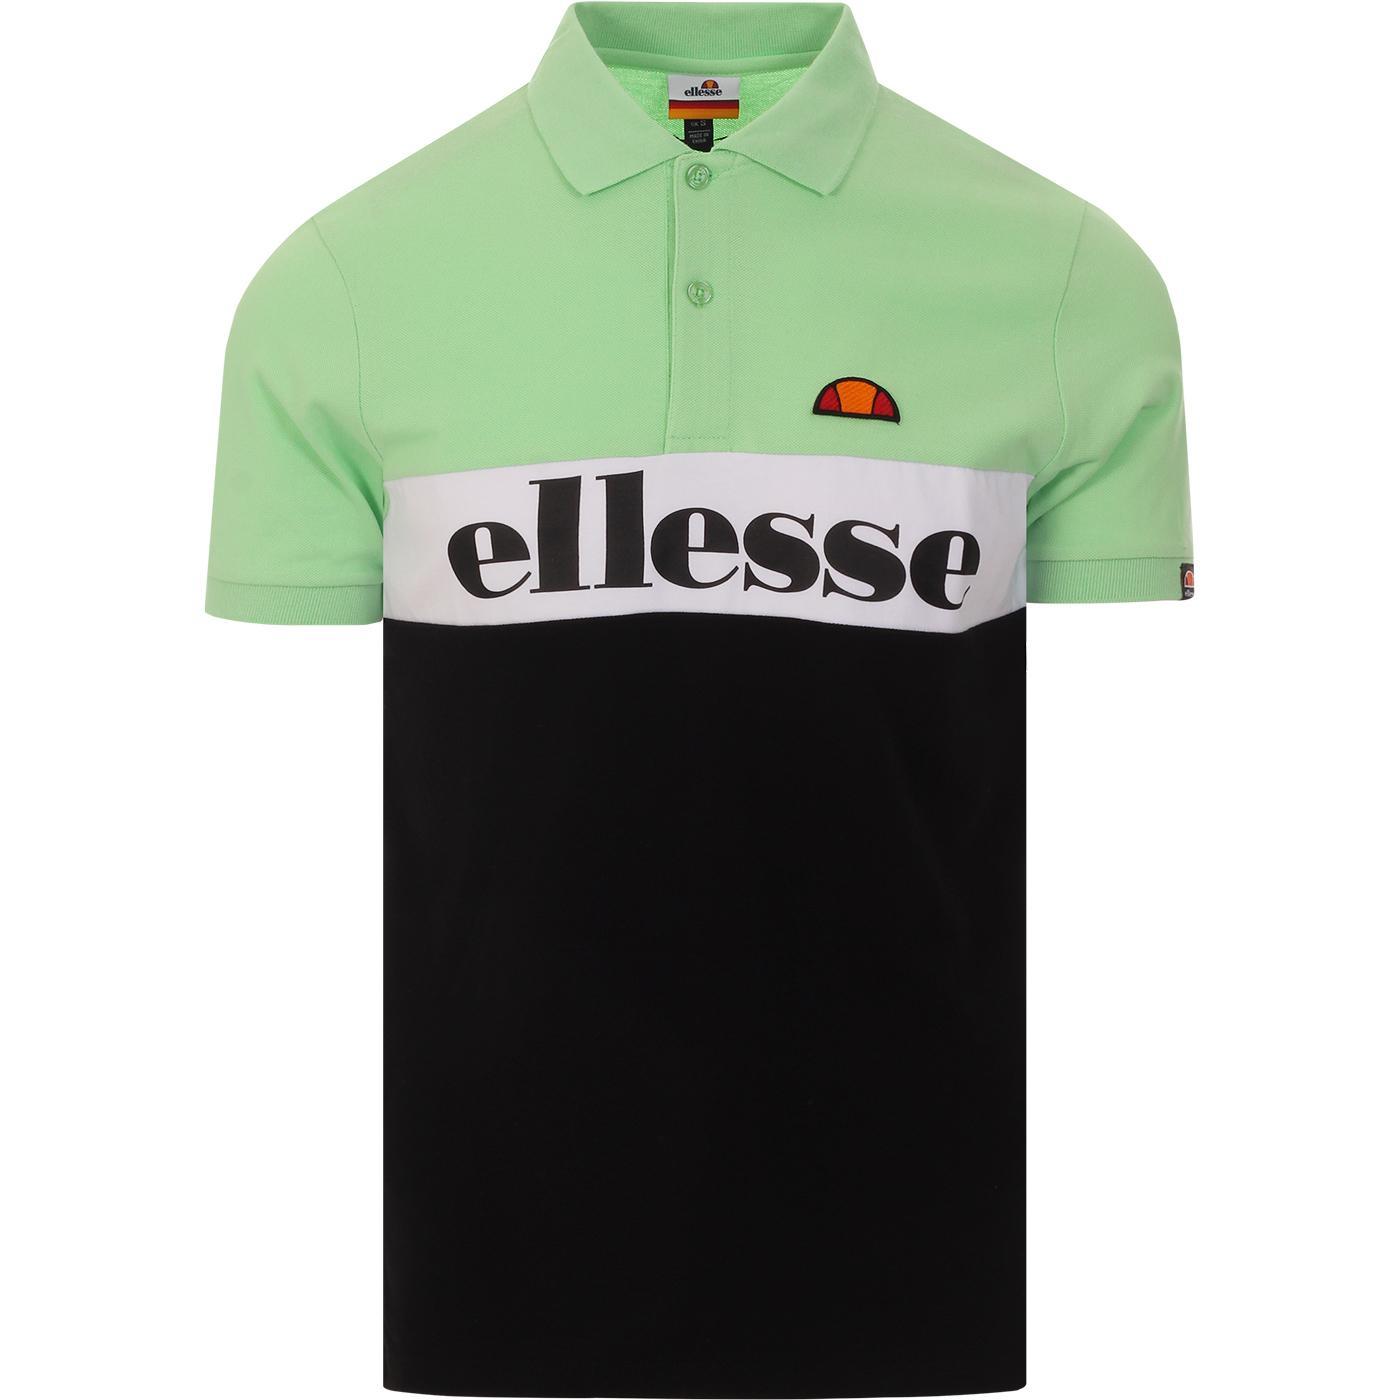 Rio ELLESSE Retro 90s Colour Block Polo Top GREEN